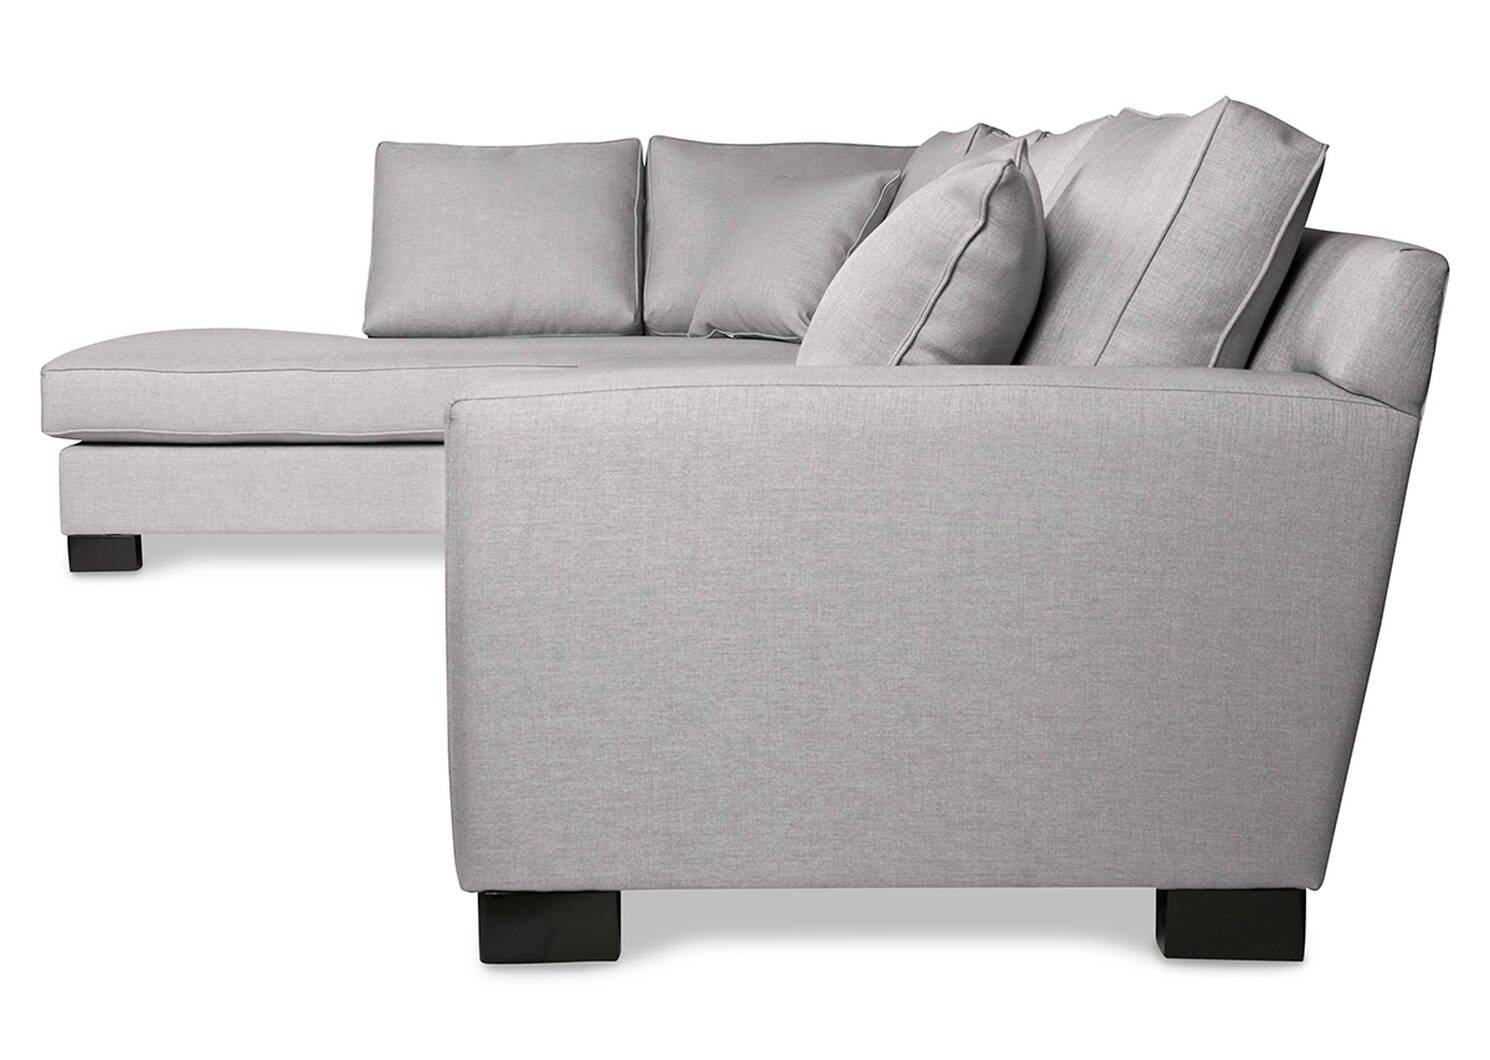 Canapé modulaire Manhattan personnalisé